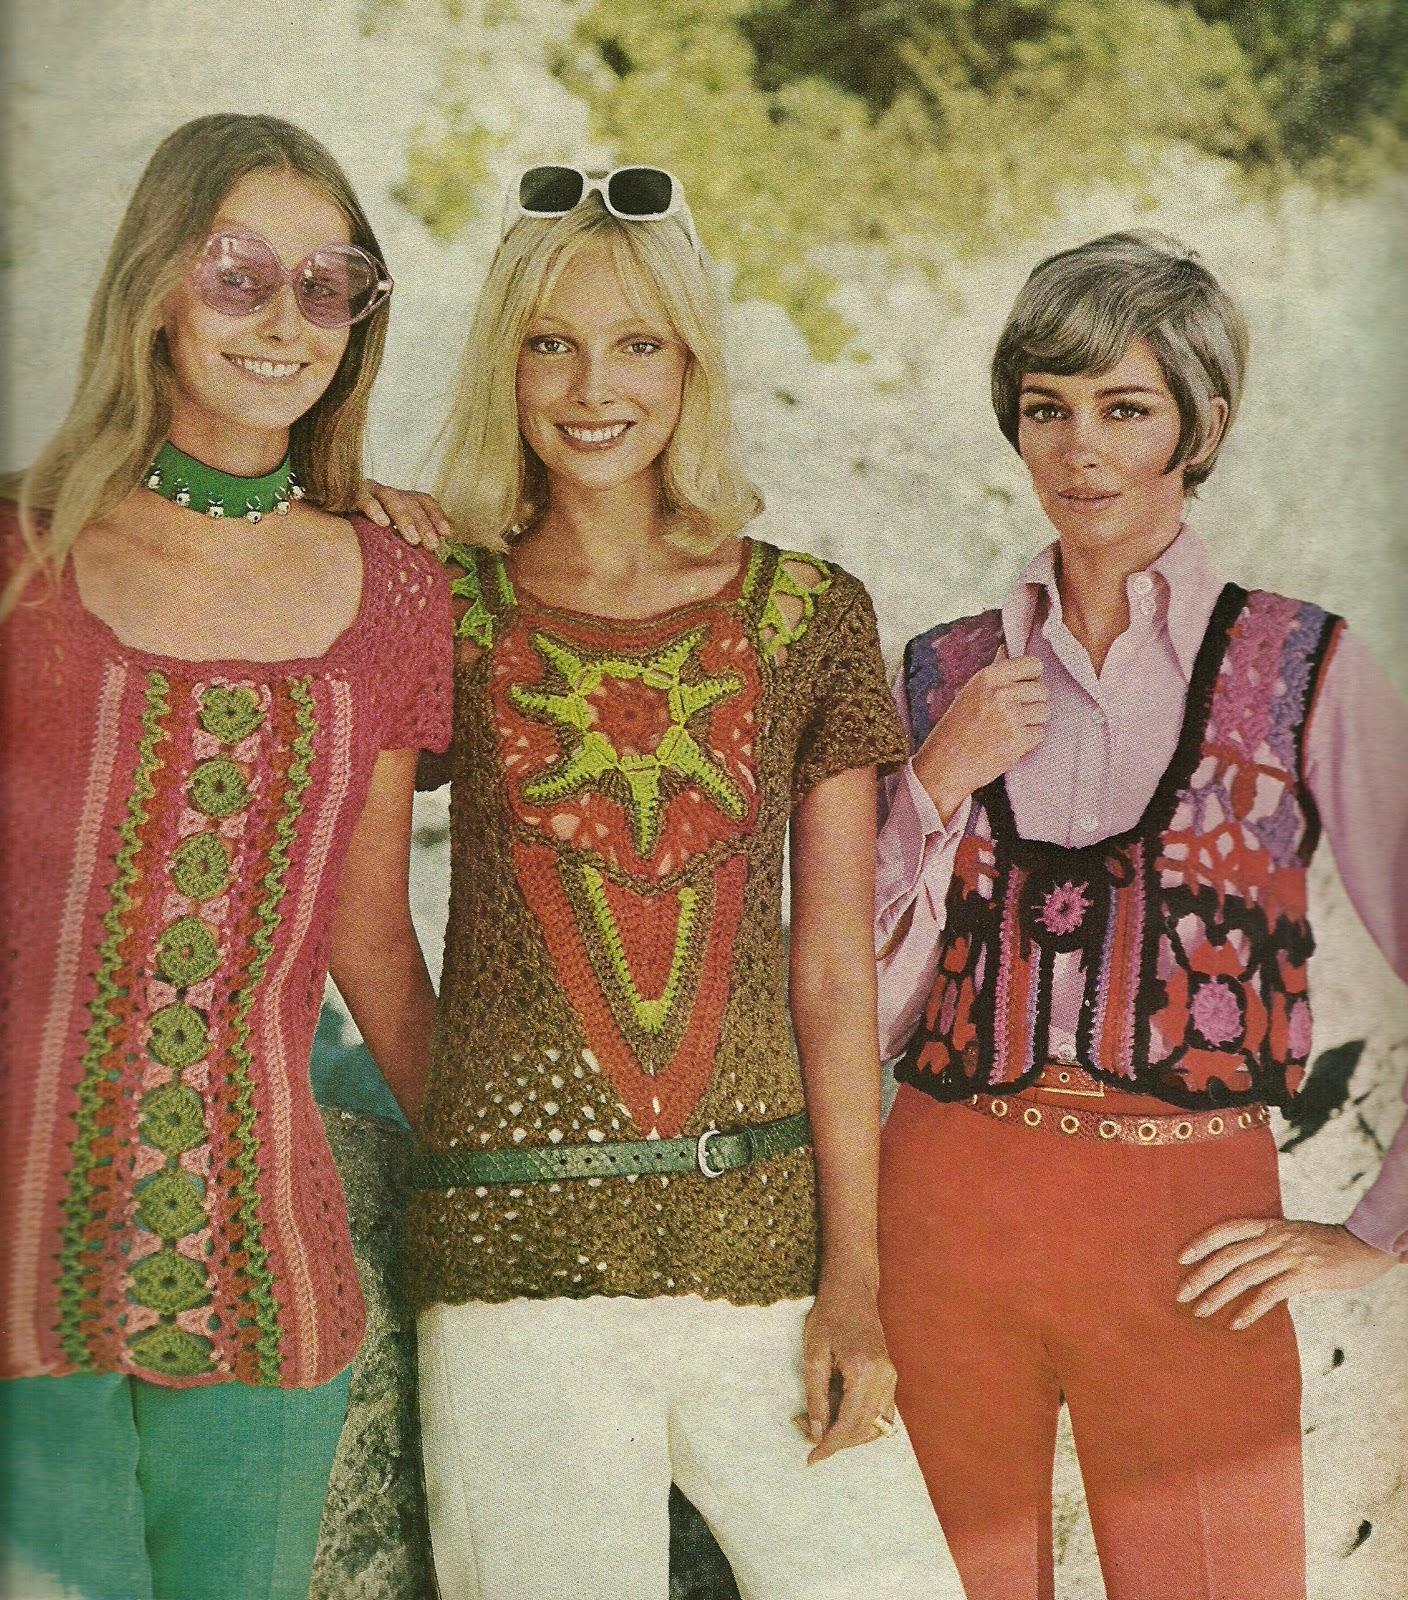 фотографии из 70-х